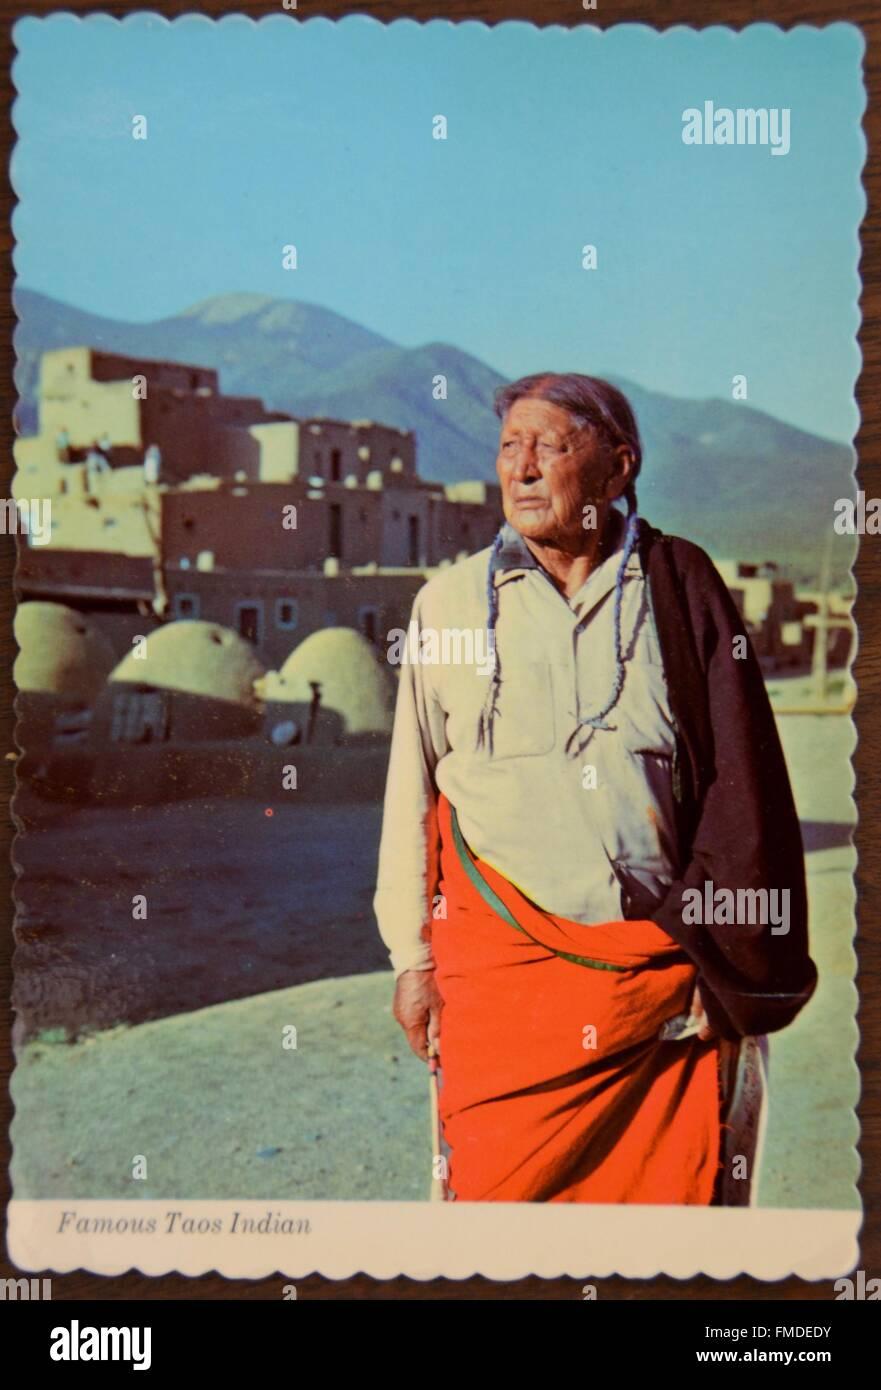 Les indiens taos célèbre carte postales anciennes de l'homme des tribus amérindiennes et chemise Photo Stock